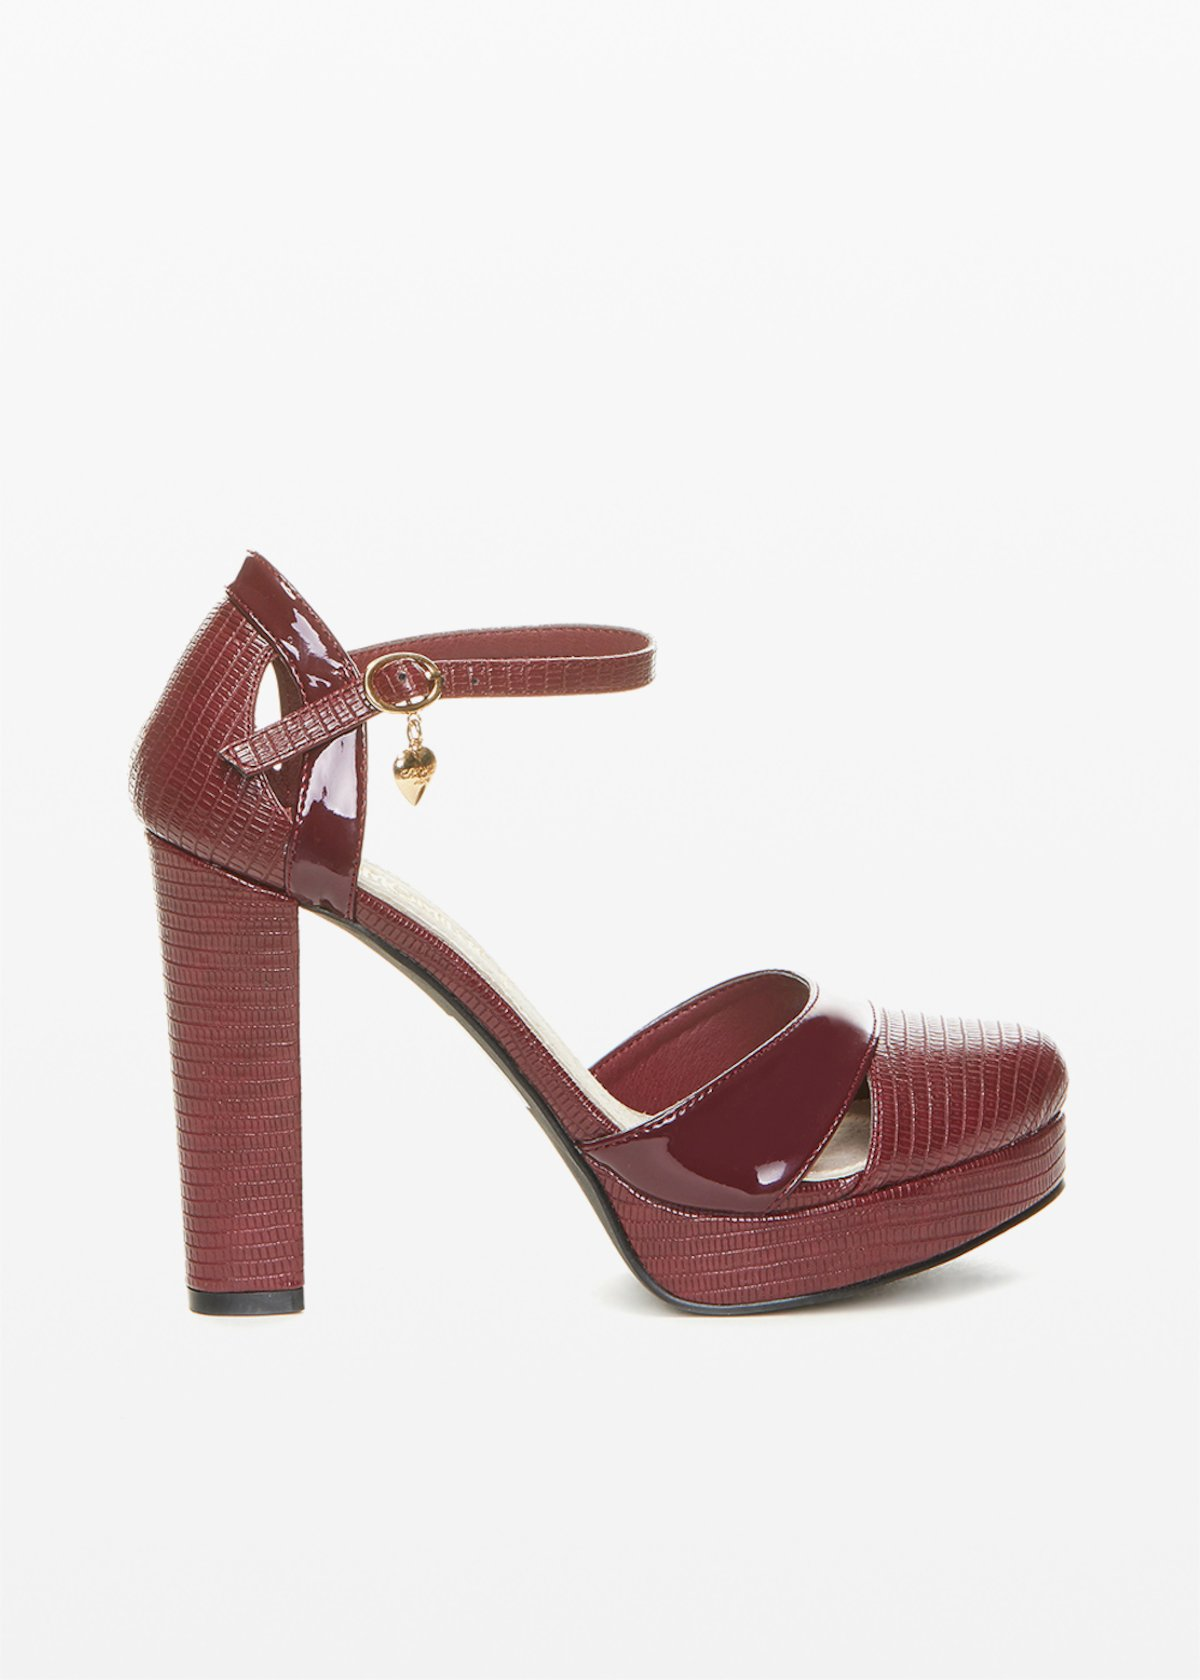 Sandalo Sophie effetto pitone e verniciato